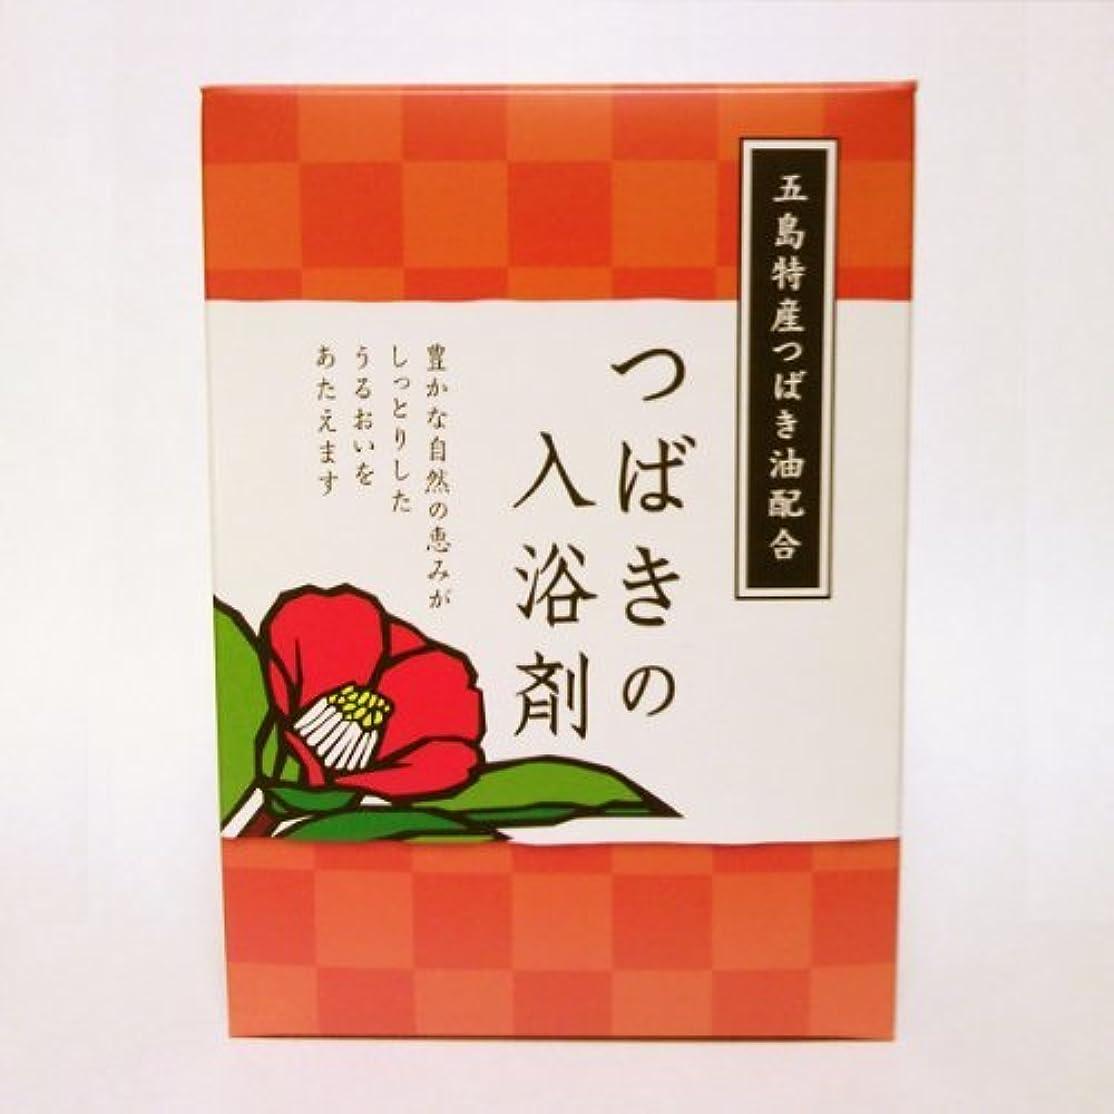 納得させる偏見ヘビー五島特産純粋 つばきの入浴剤 新上五島町振興公社